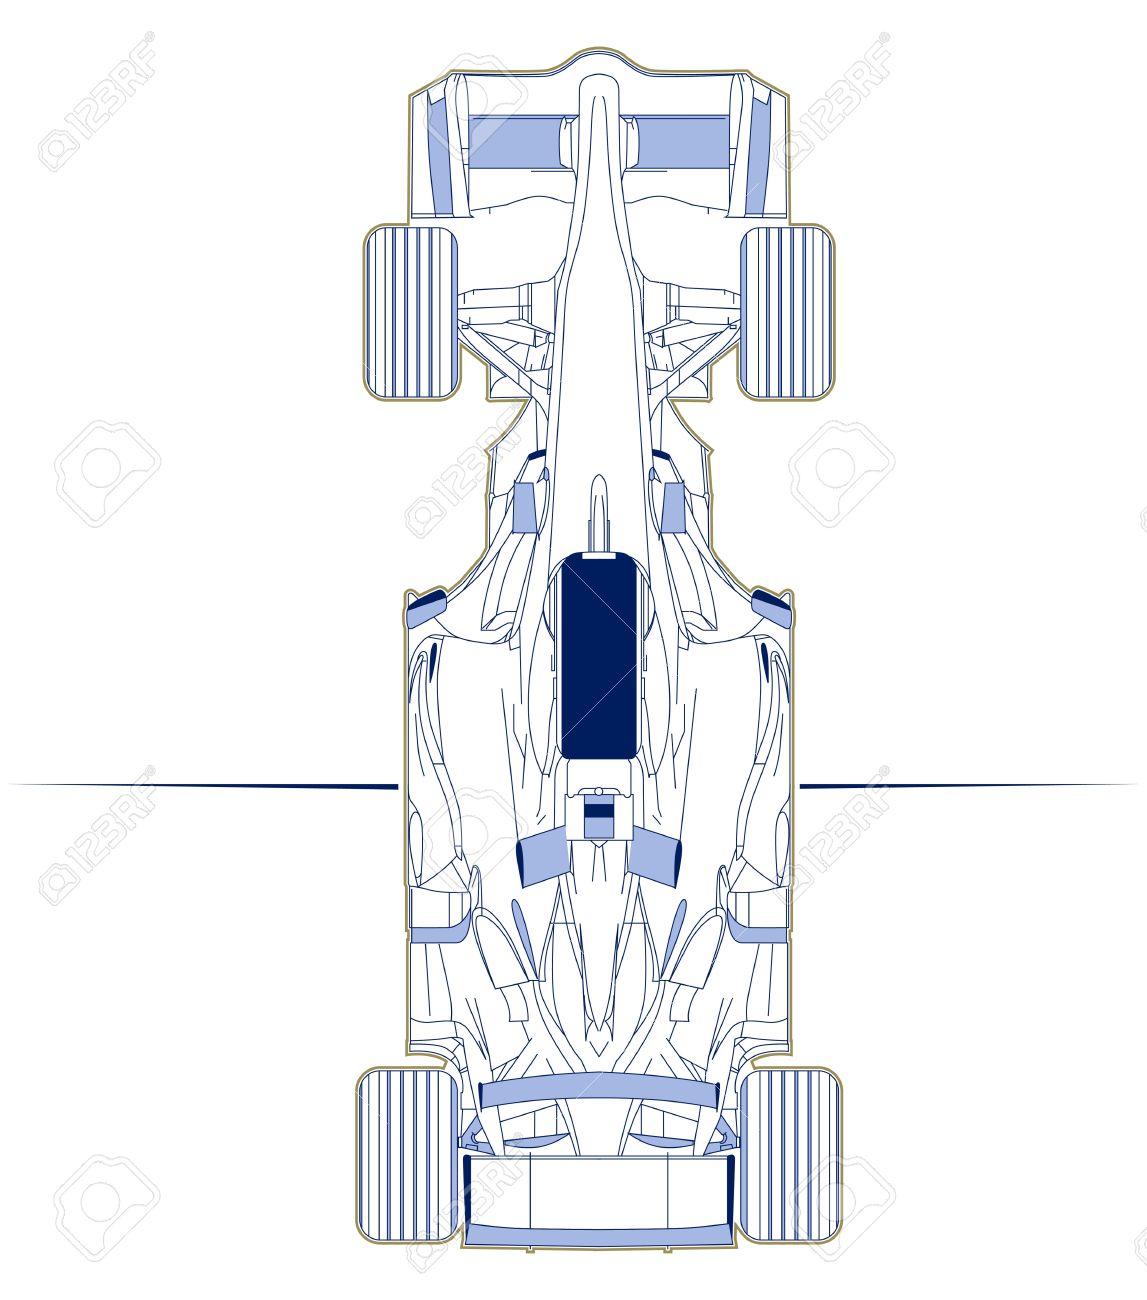 formula racing car scheme top view - 10826268